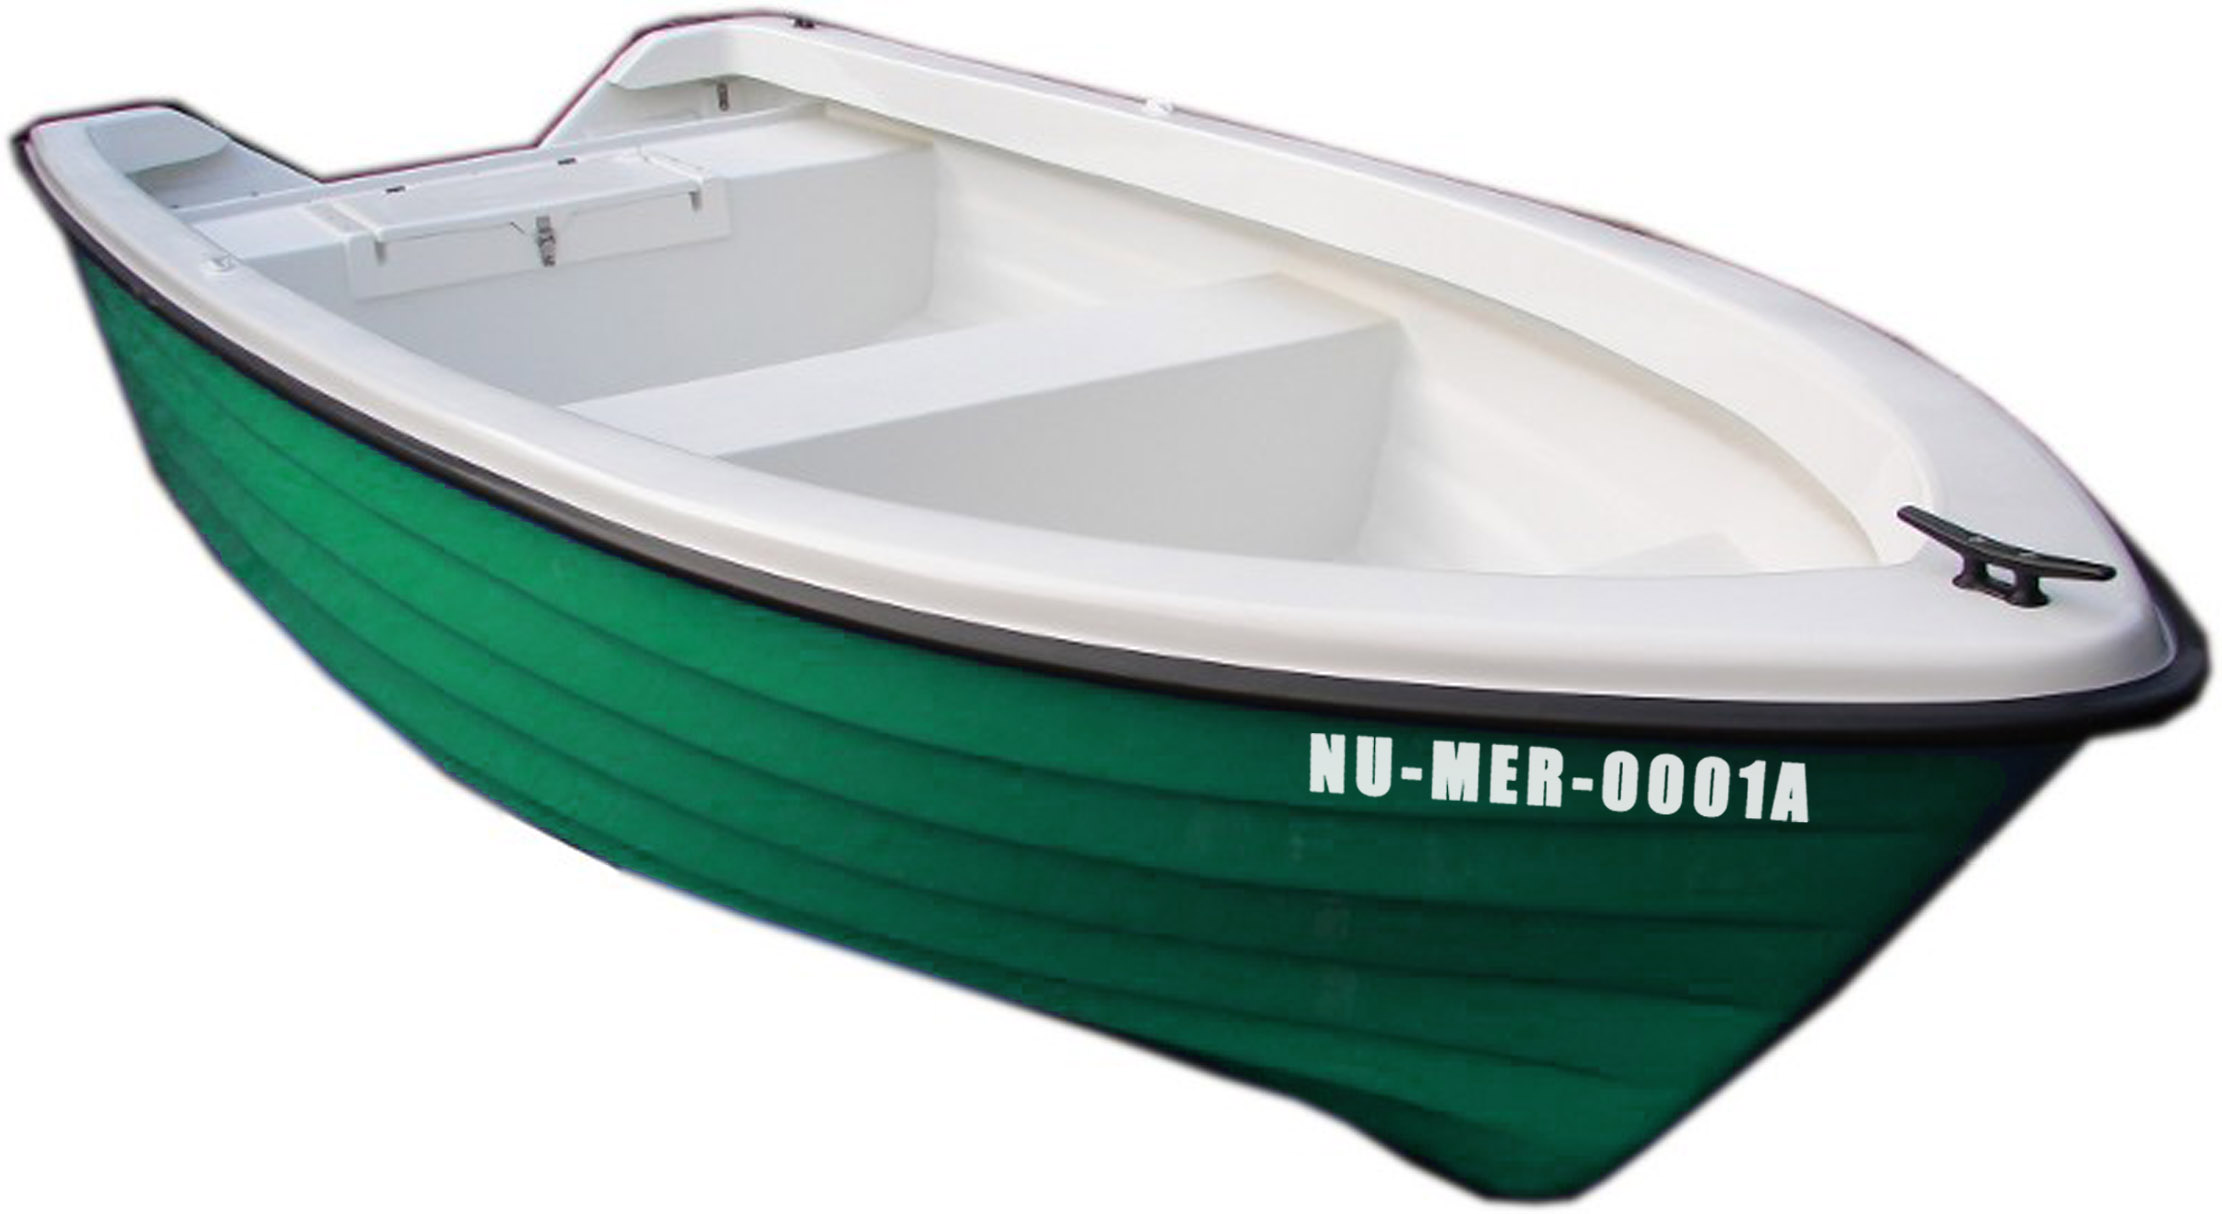 NUMERY rejestracyjne łódź łódkę skuter WODOODPORNE